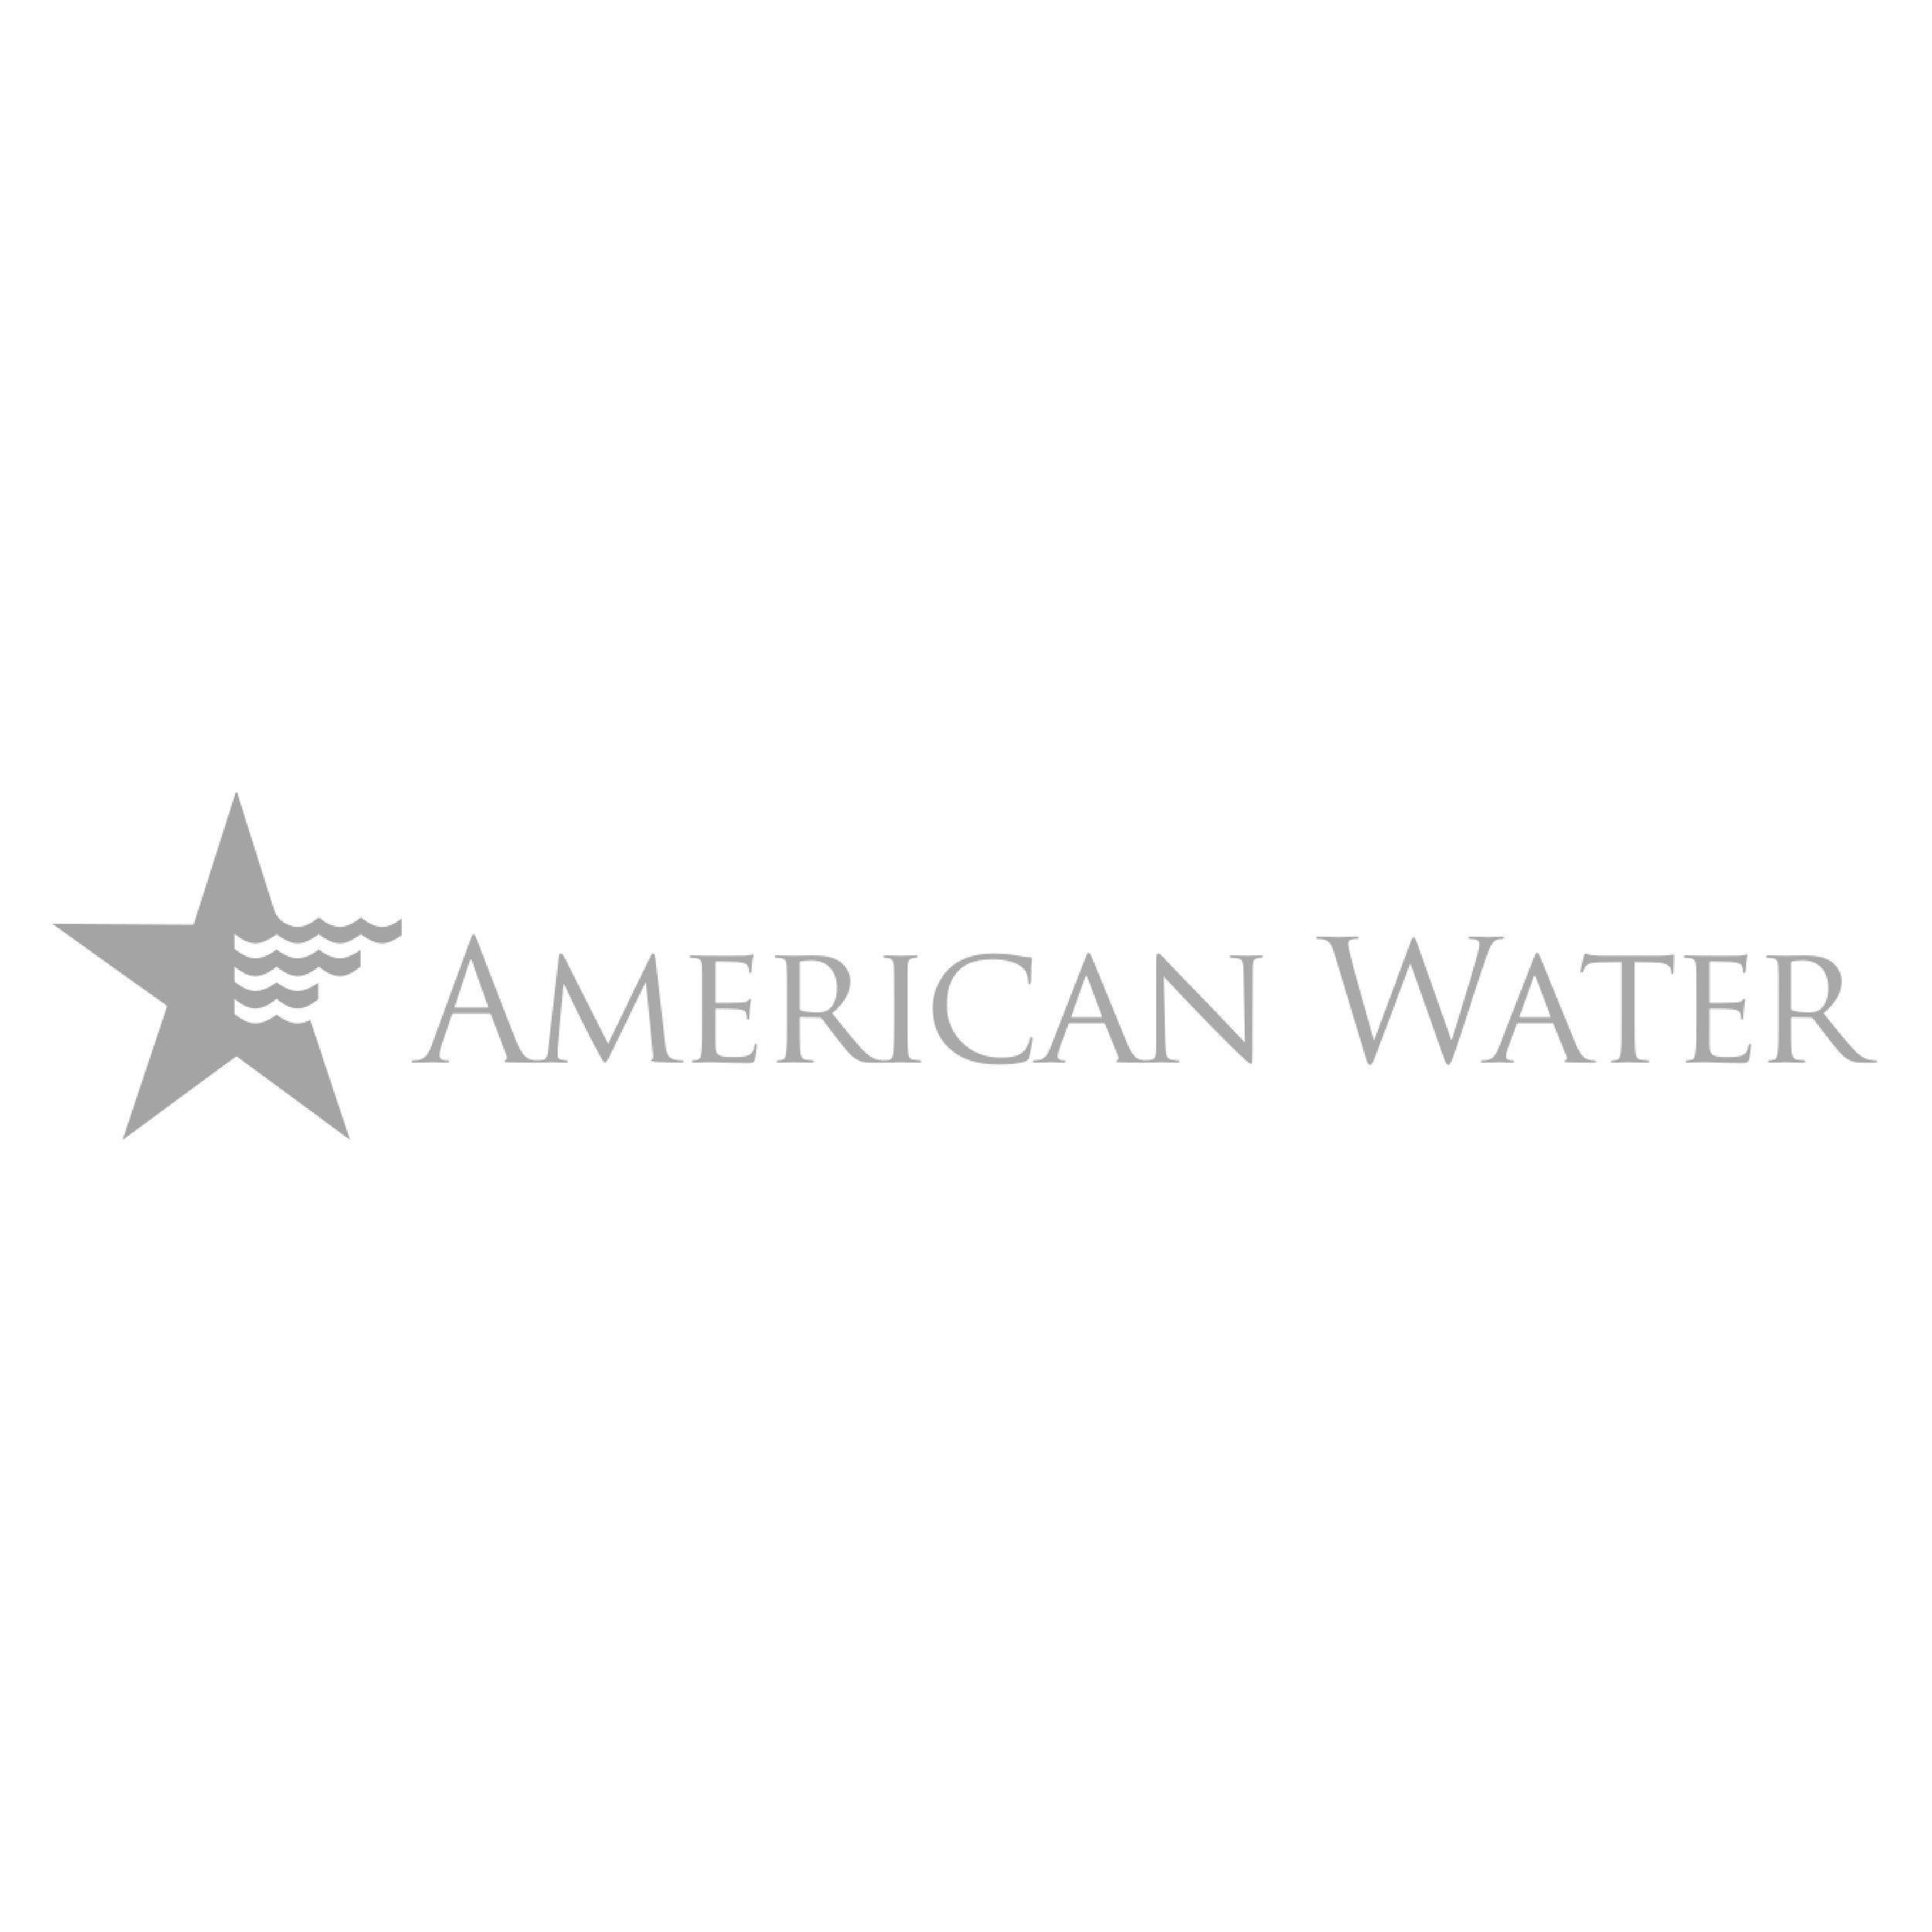 American Water-01.jpg